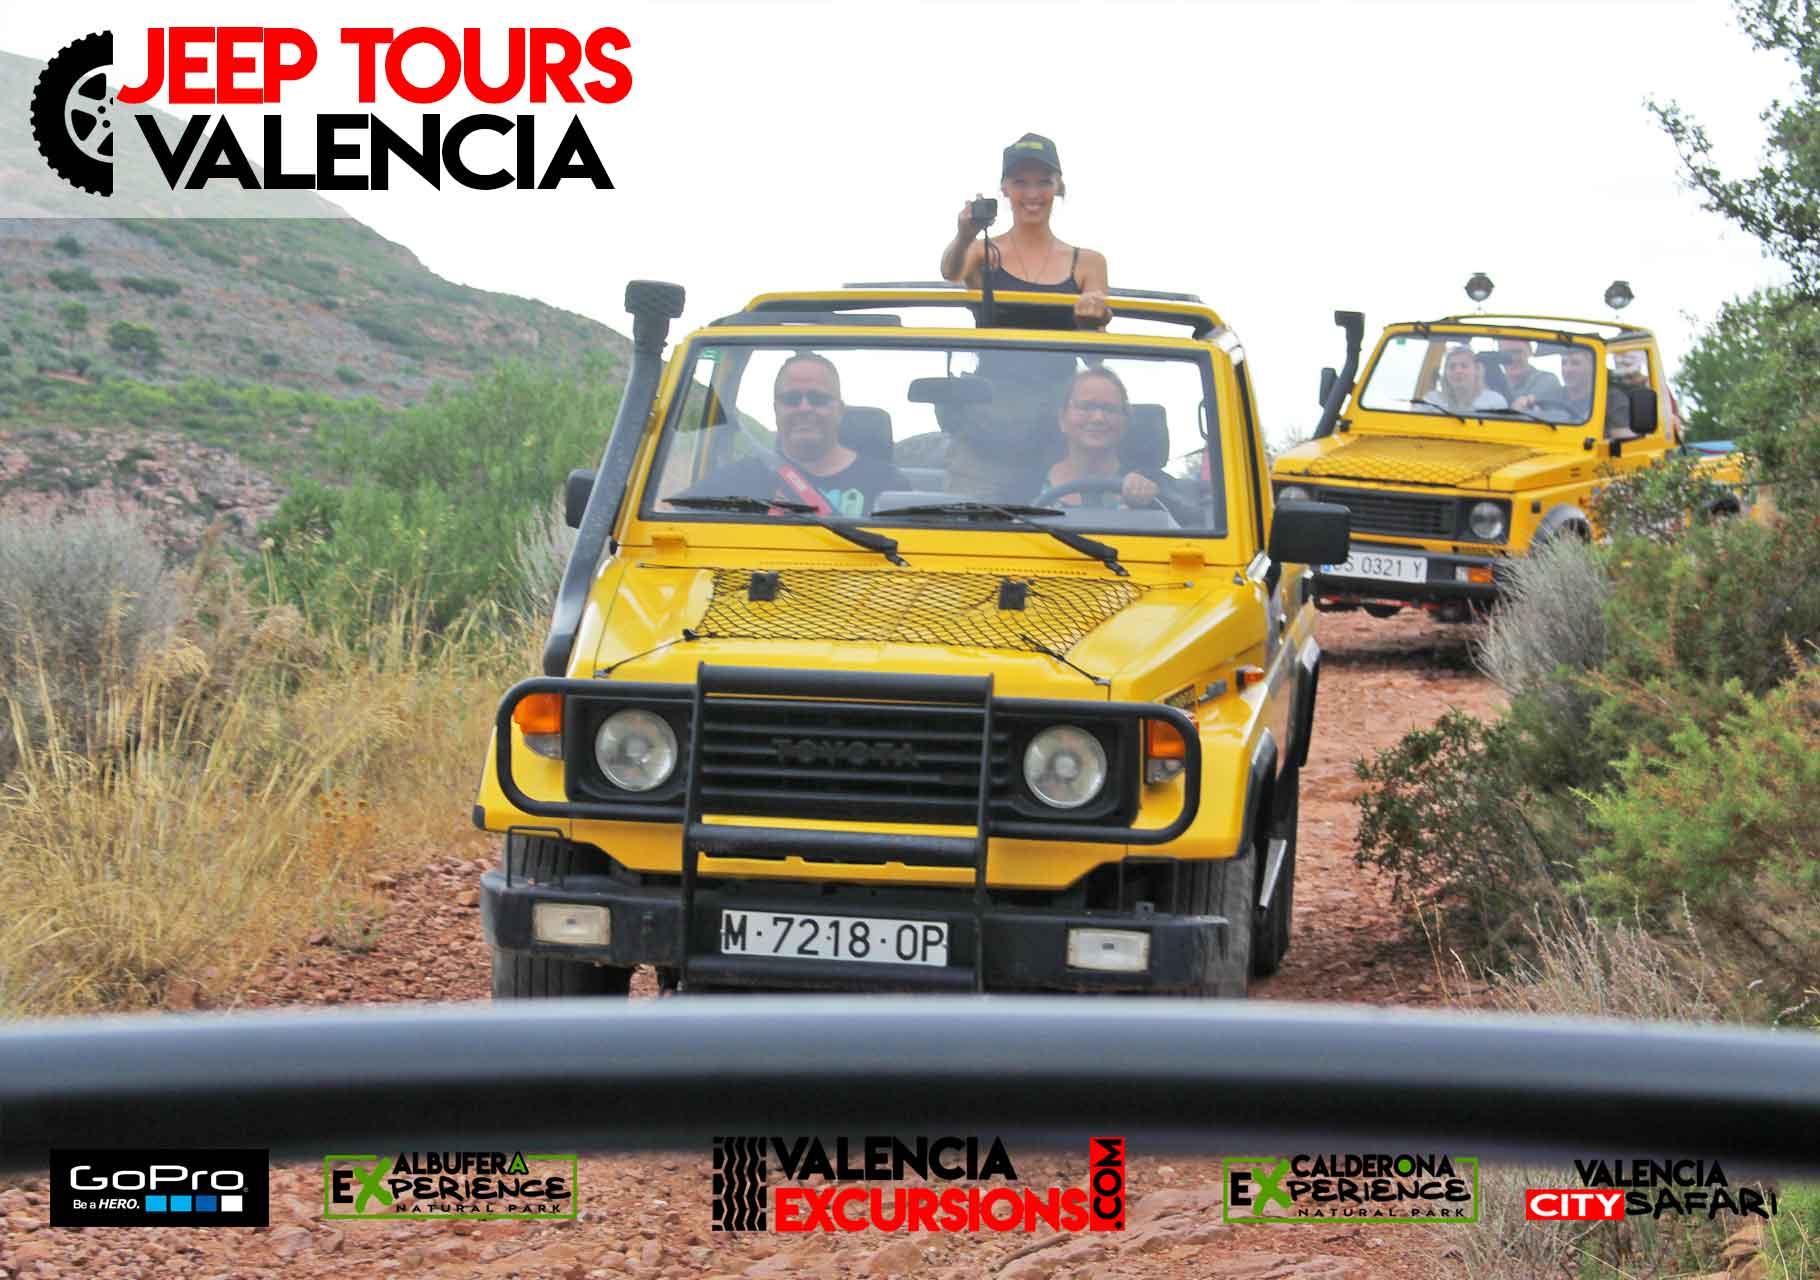 4x4 tour Valencia